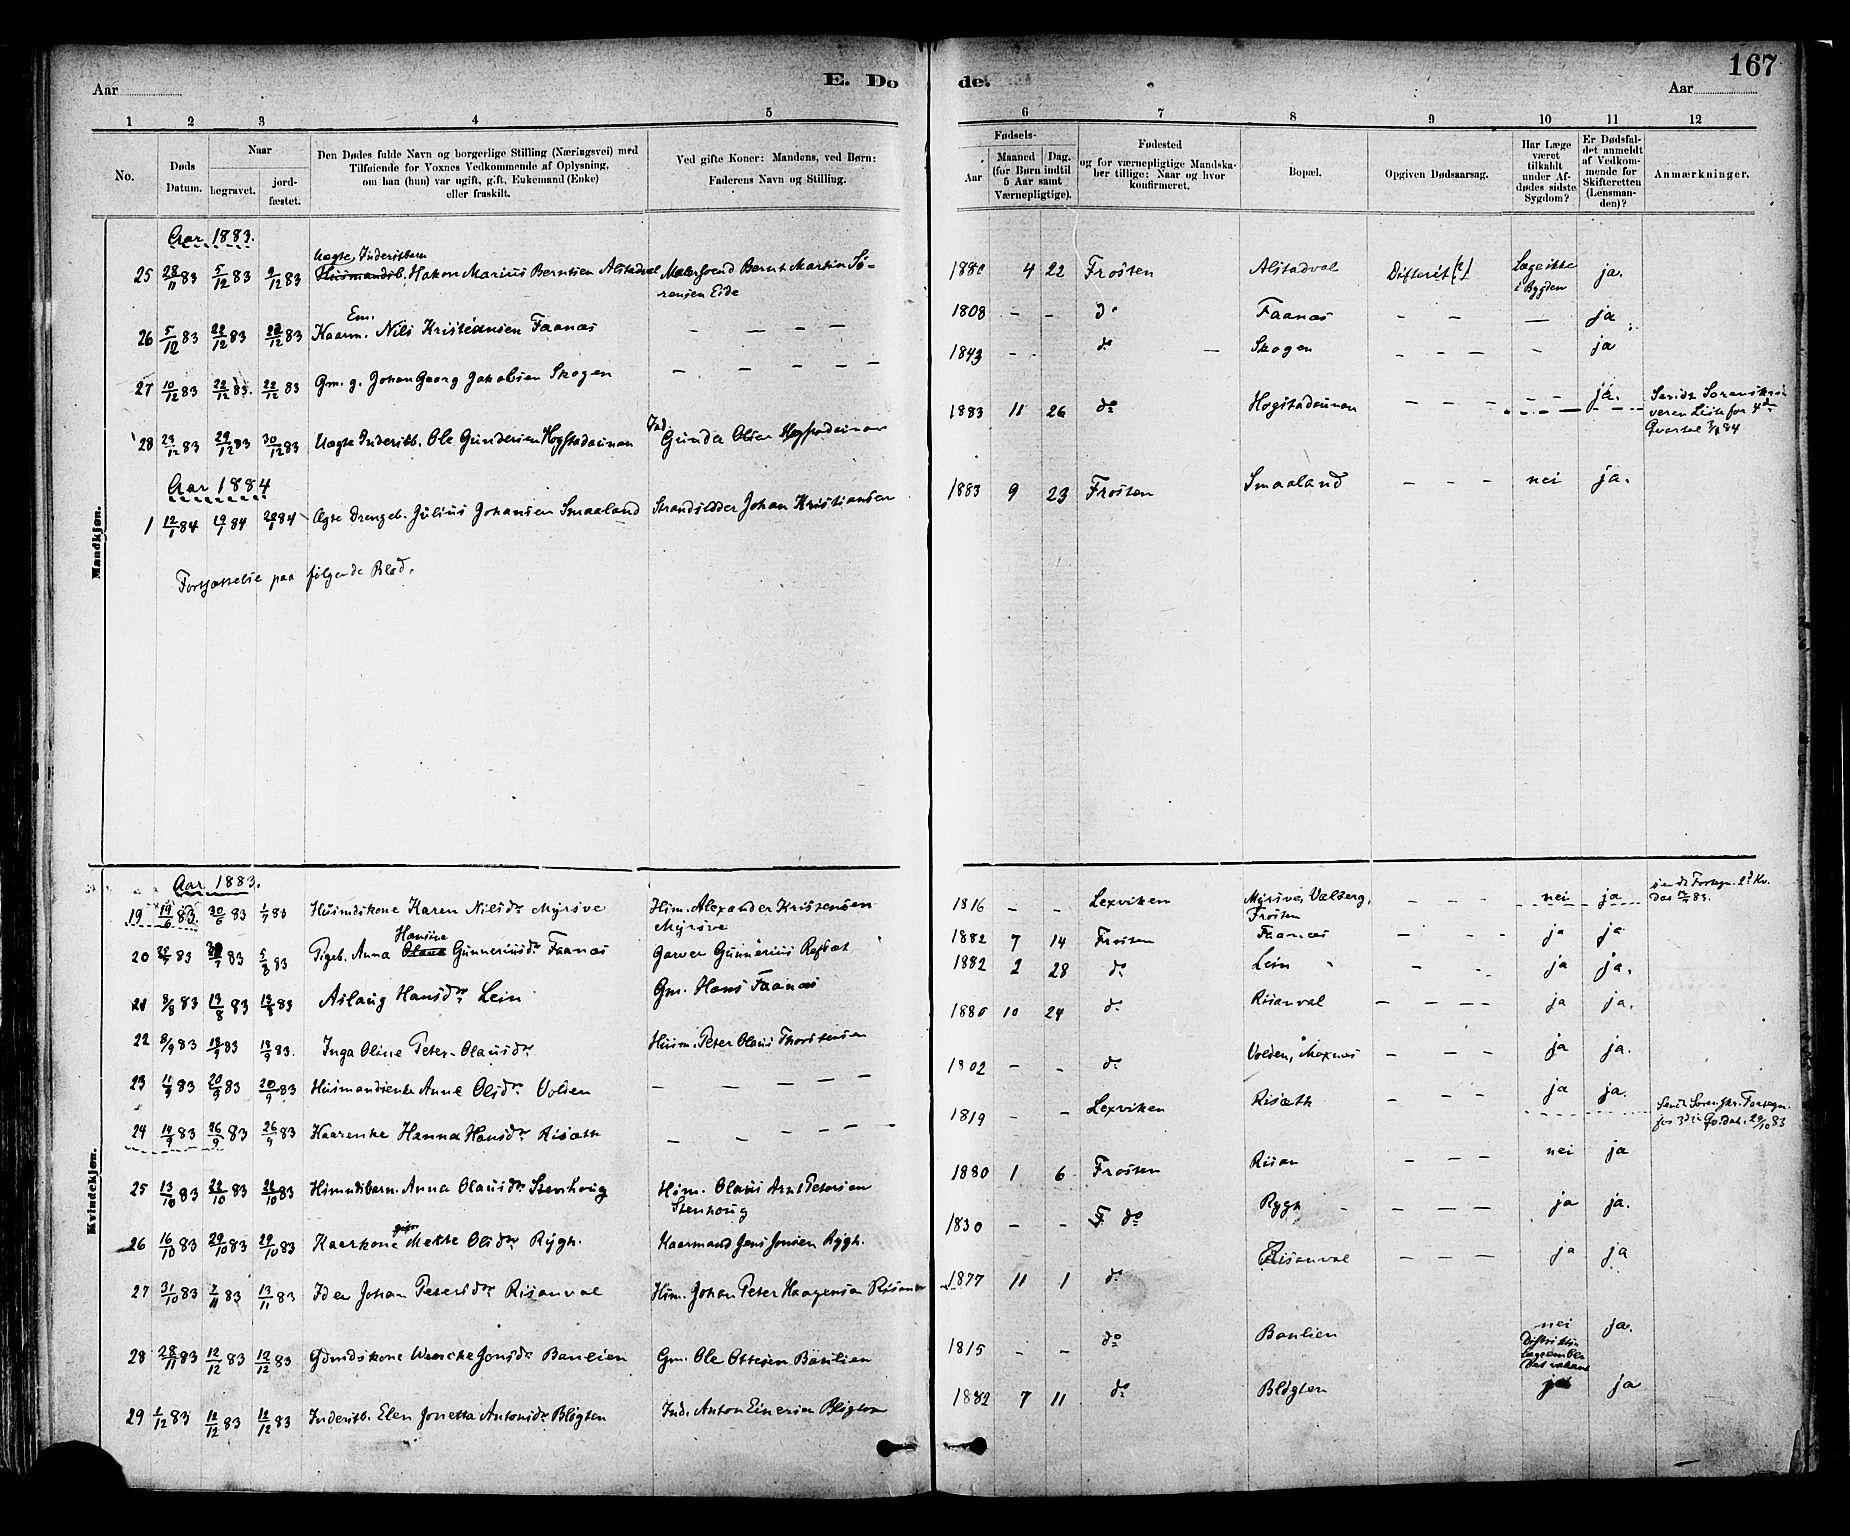 SAT, Ministerialprotokoller, klokkerbøker og fødselsregistre - Nord-Trøndelag, 713/L0120: Ministerialbok nr. 713A09, 1878-1887, s. 167